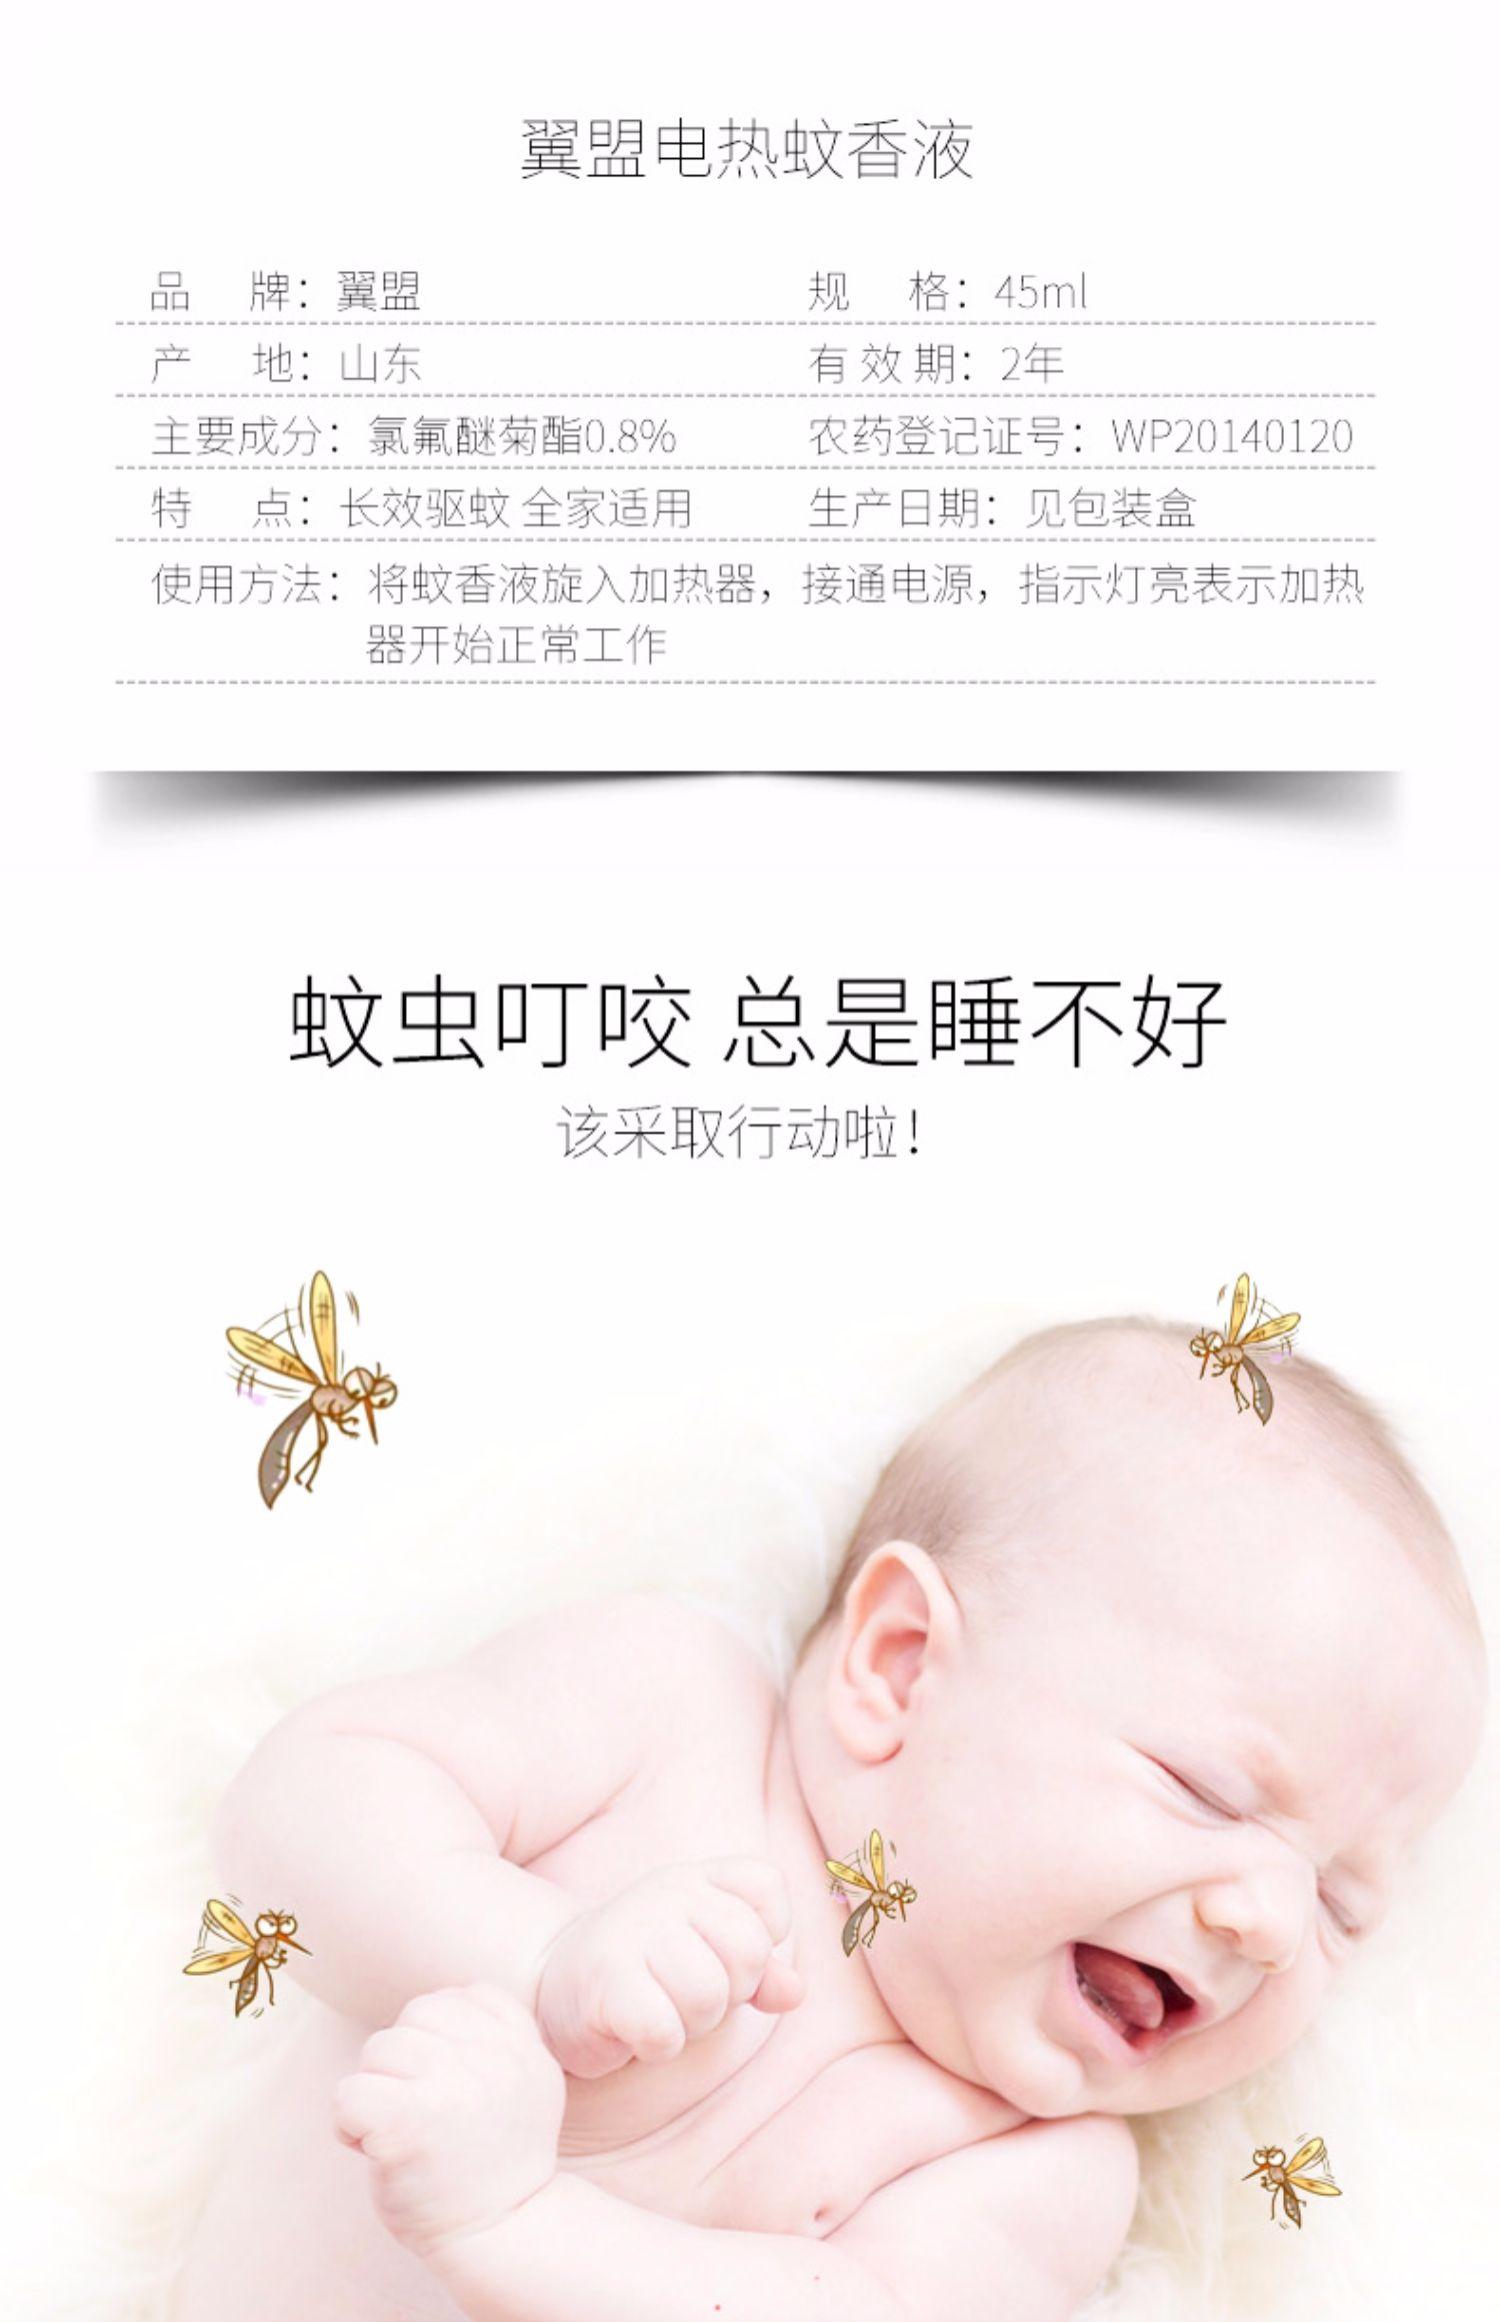 翼盟10件套孕妇宝宝驱蚊灭蚊水 3